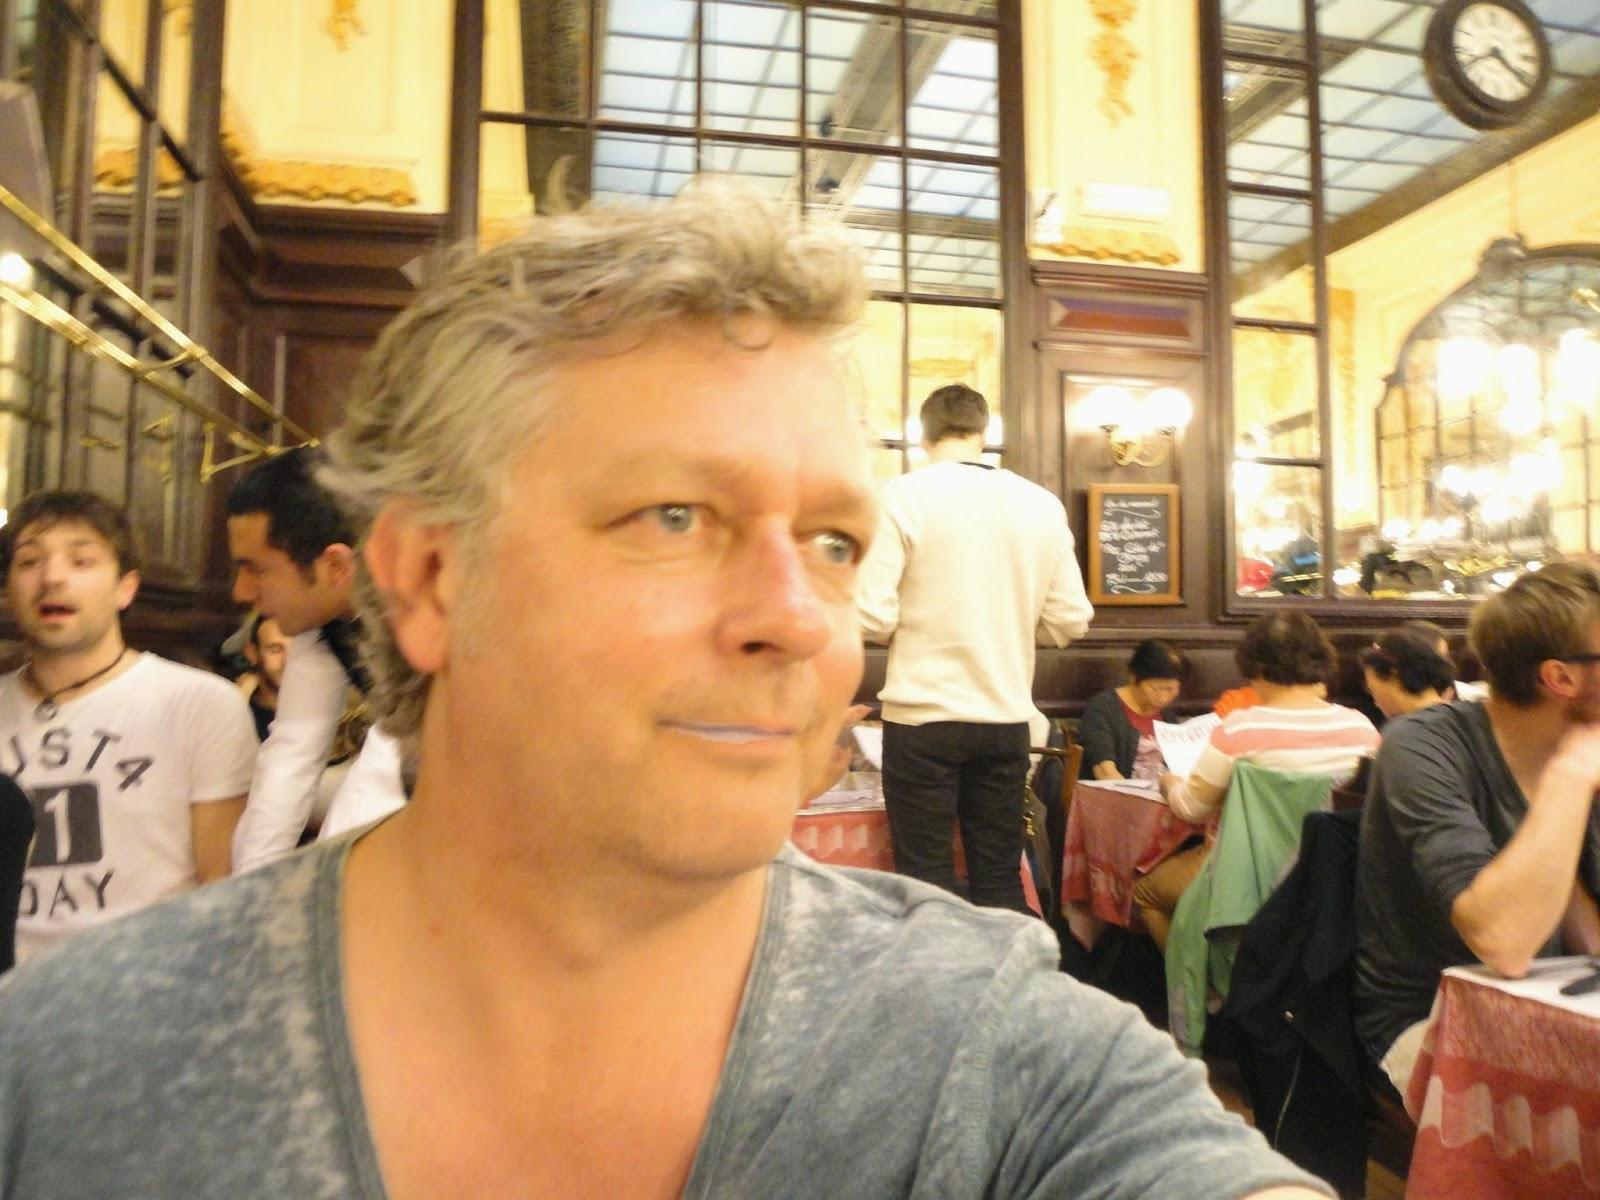 bouillon-chartier-restaurant-paris-gary-j-byrnes